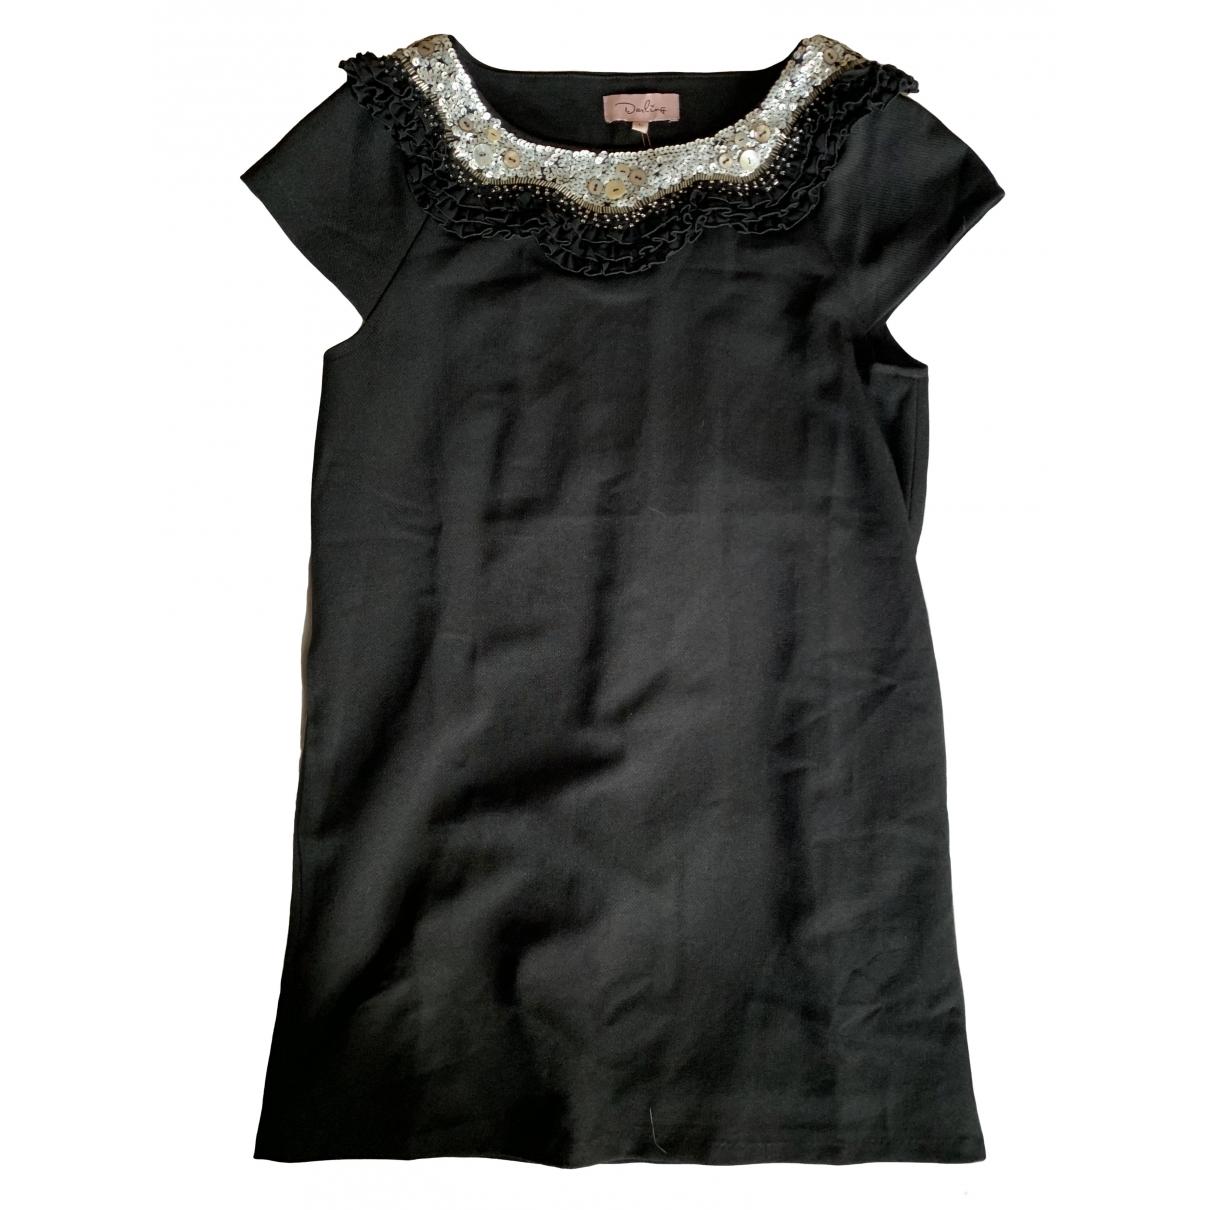 Darling \N Kleid in  Schwarz Polyester